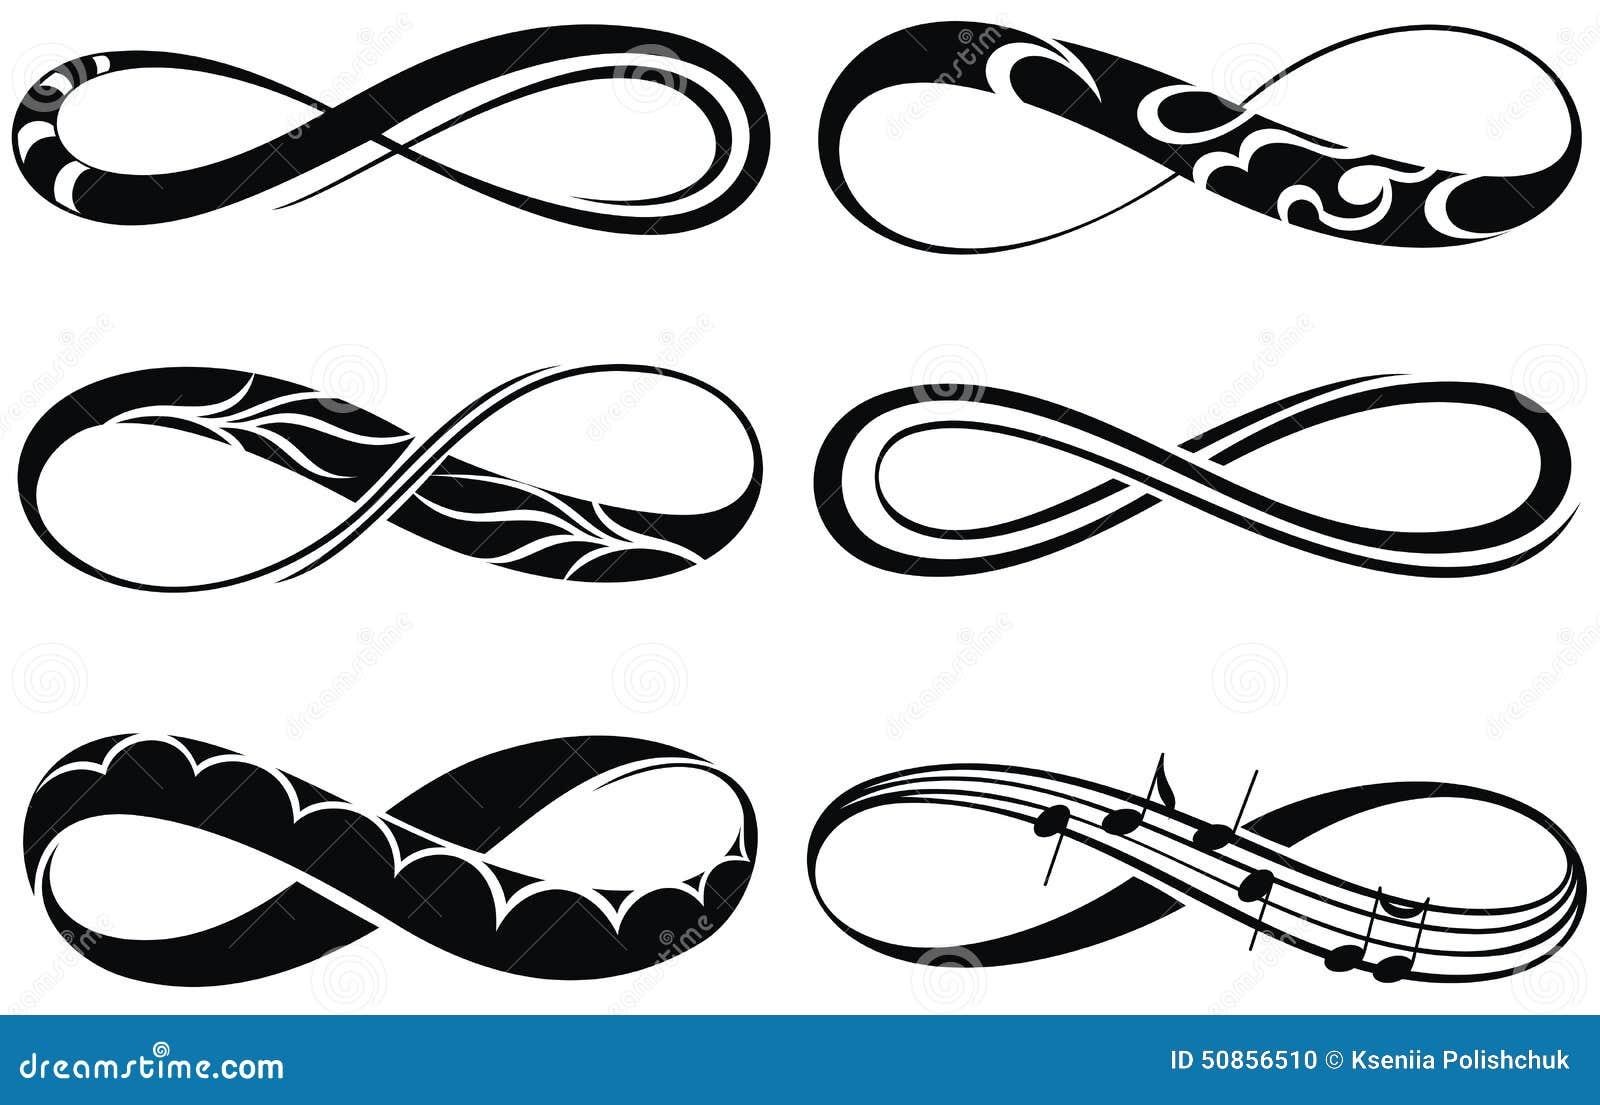 s237mbolos del infinito ilustraci243n del vector ilustraci243n